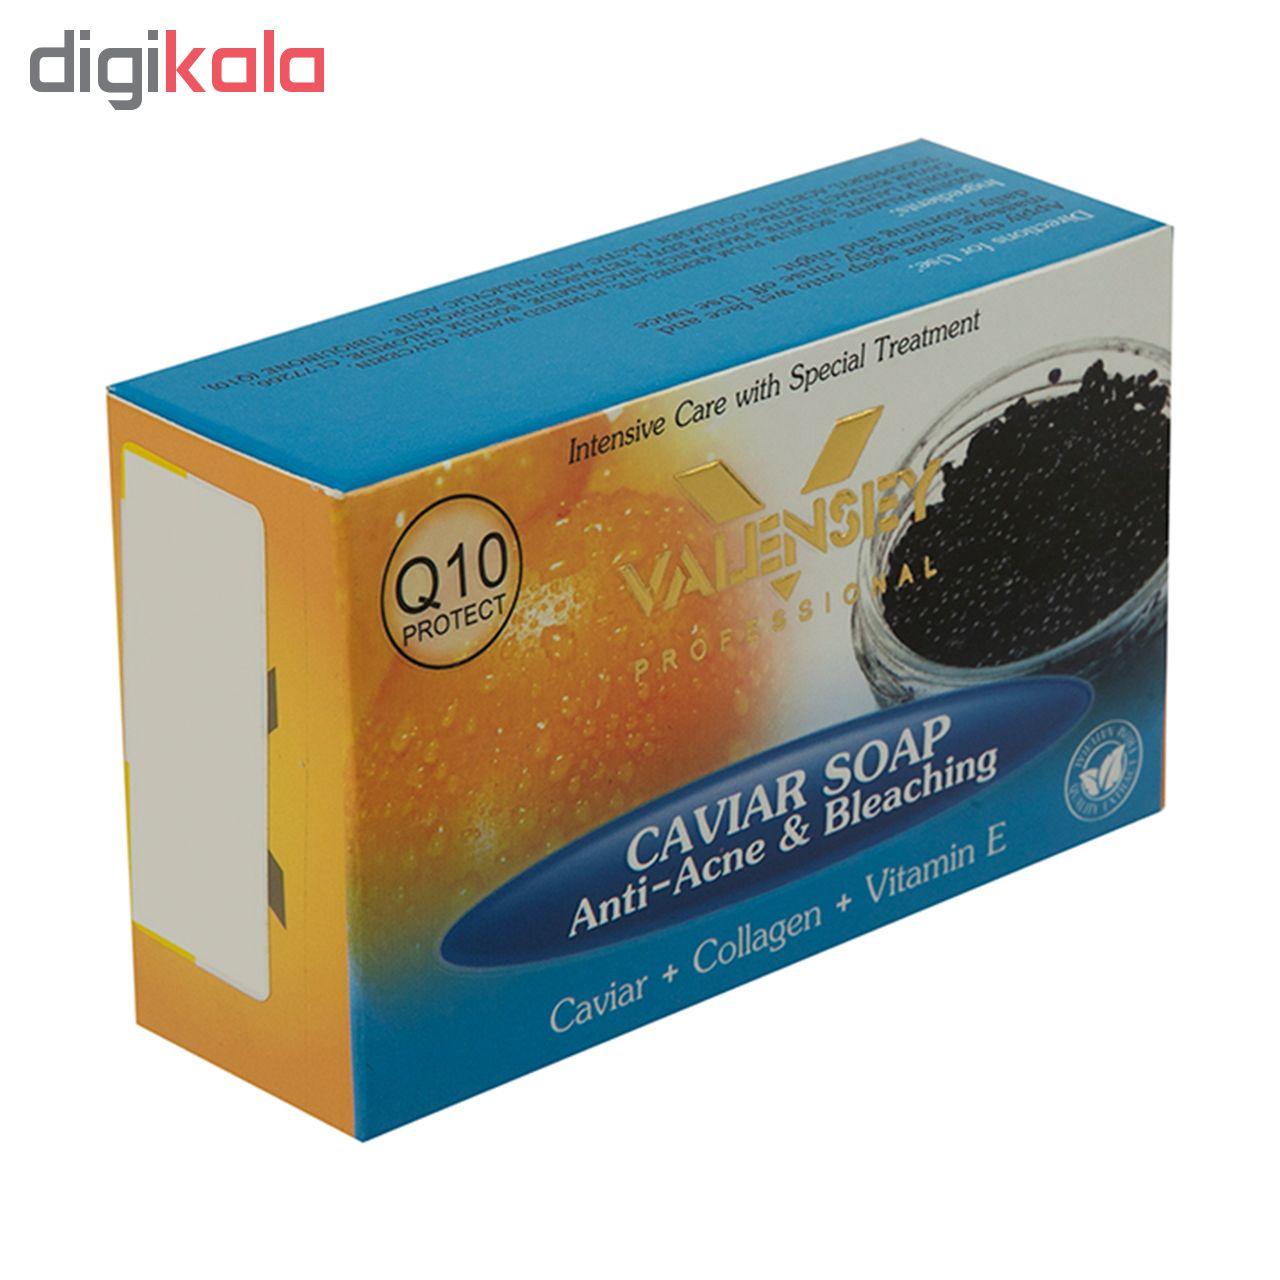 صابون ضد جوش و ضد لک والنسی مدل Caviar وزن 120 گرم مجموعه 4 عددی main 1 3